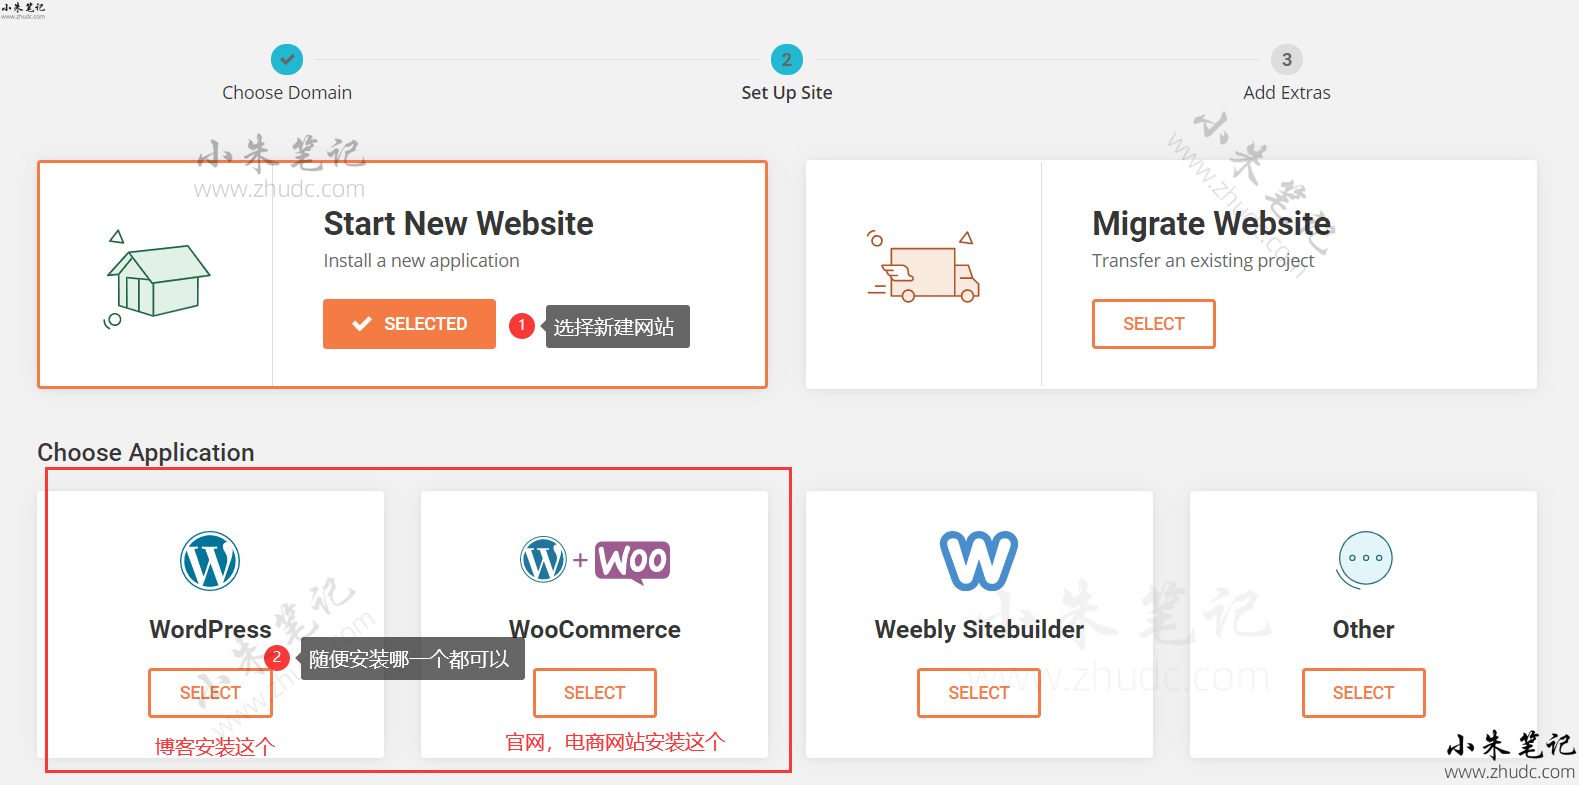 全套完全版Wordpress外贸建站教程 19